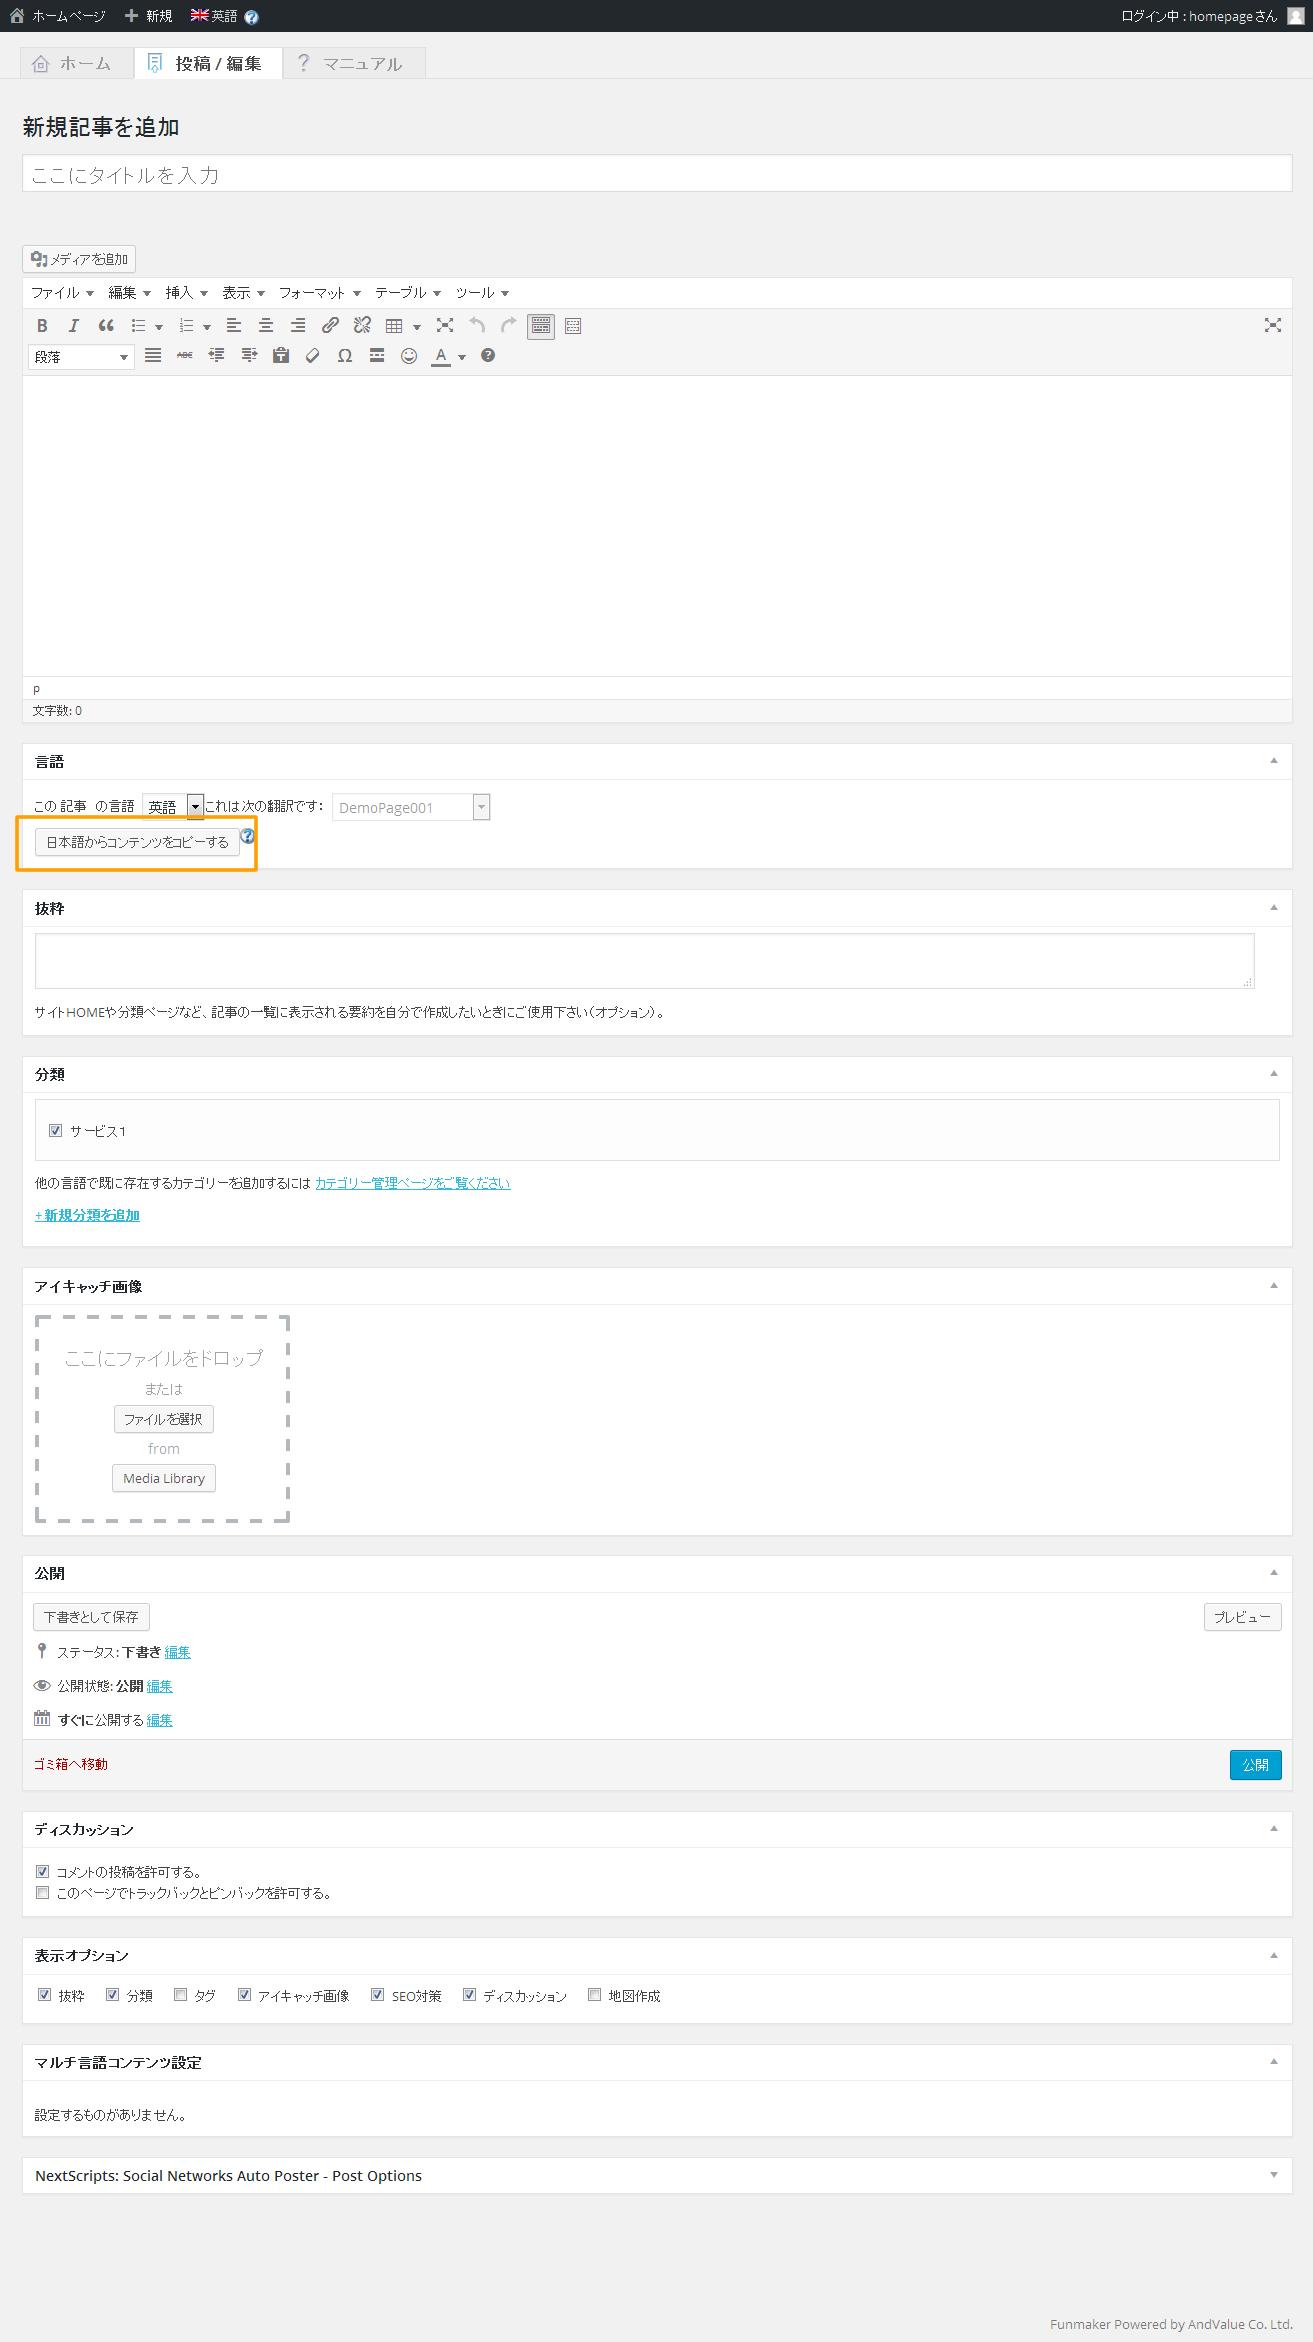 投稿/編集画面 新規追加 | 初期費用無料ホームページ作成サイト - FunMaker